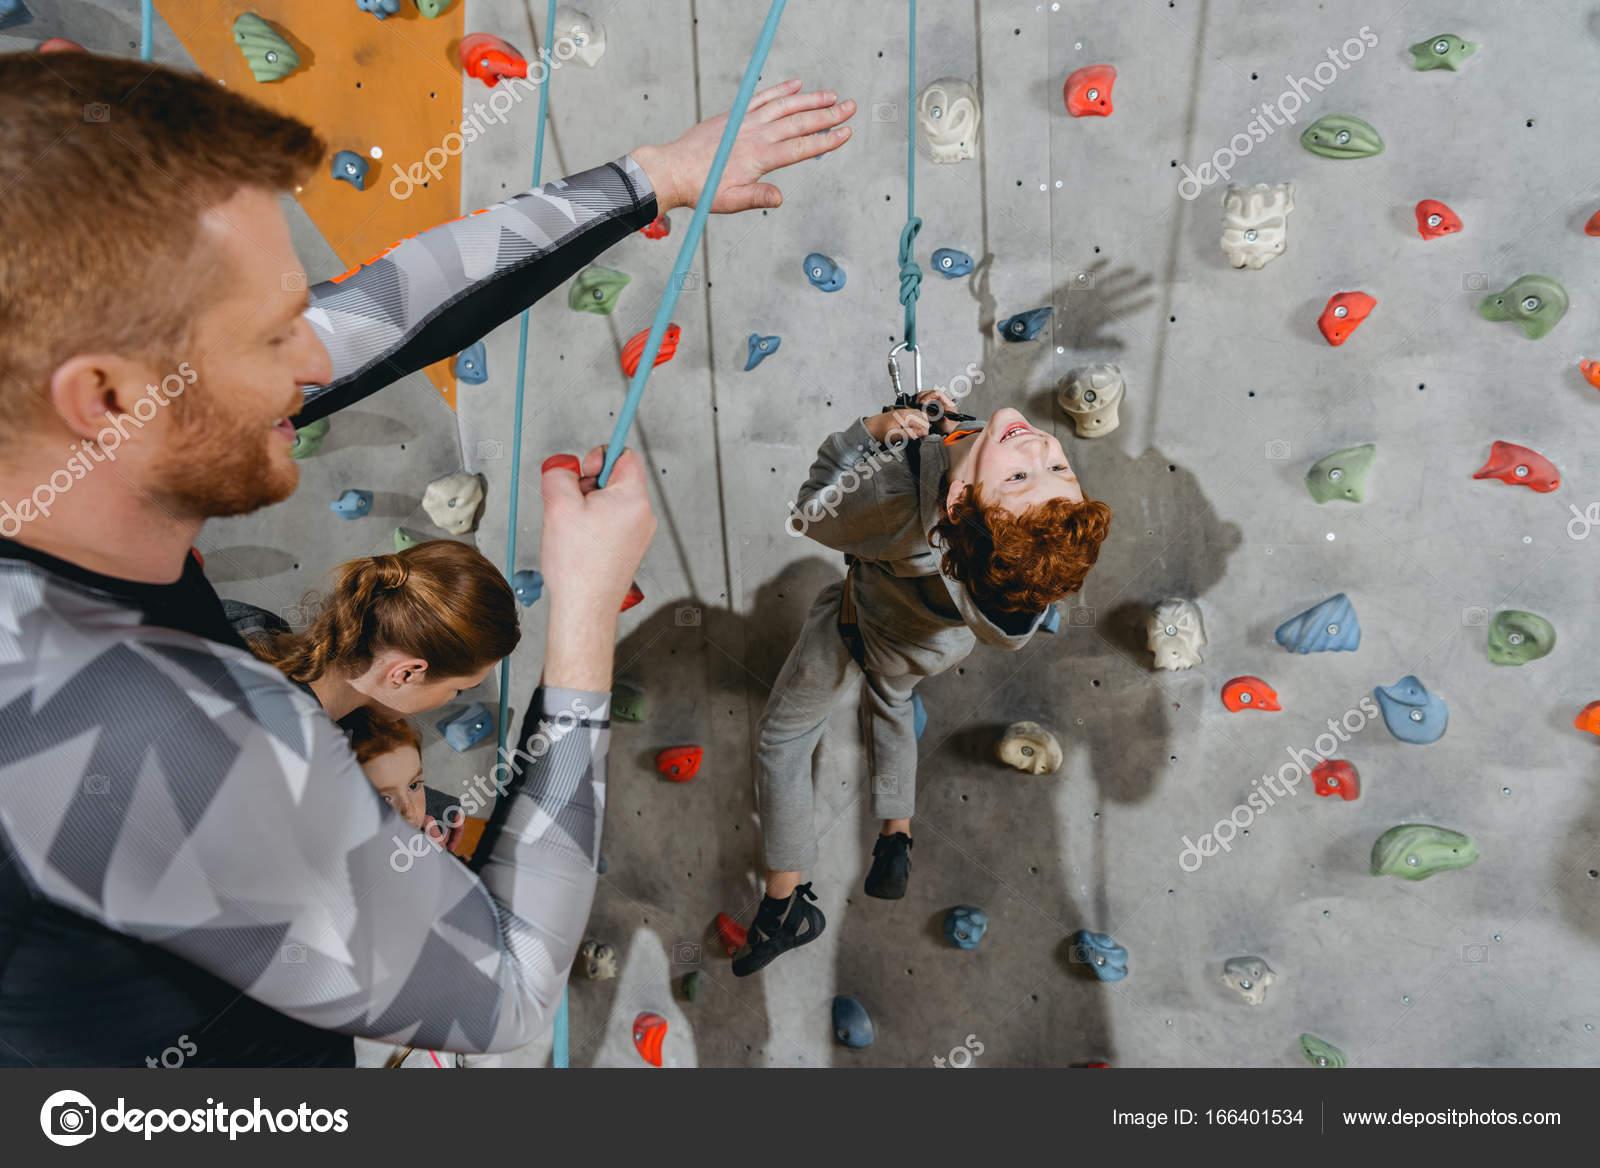 kleiner junge kletterwand mit griffen — stockfoto